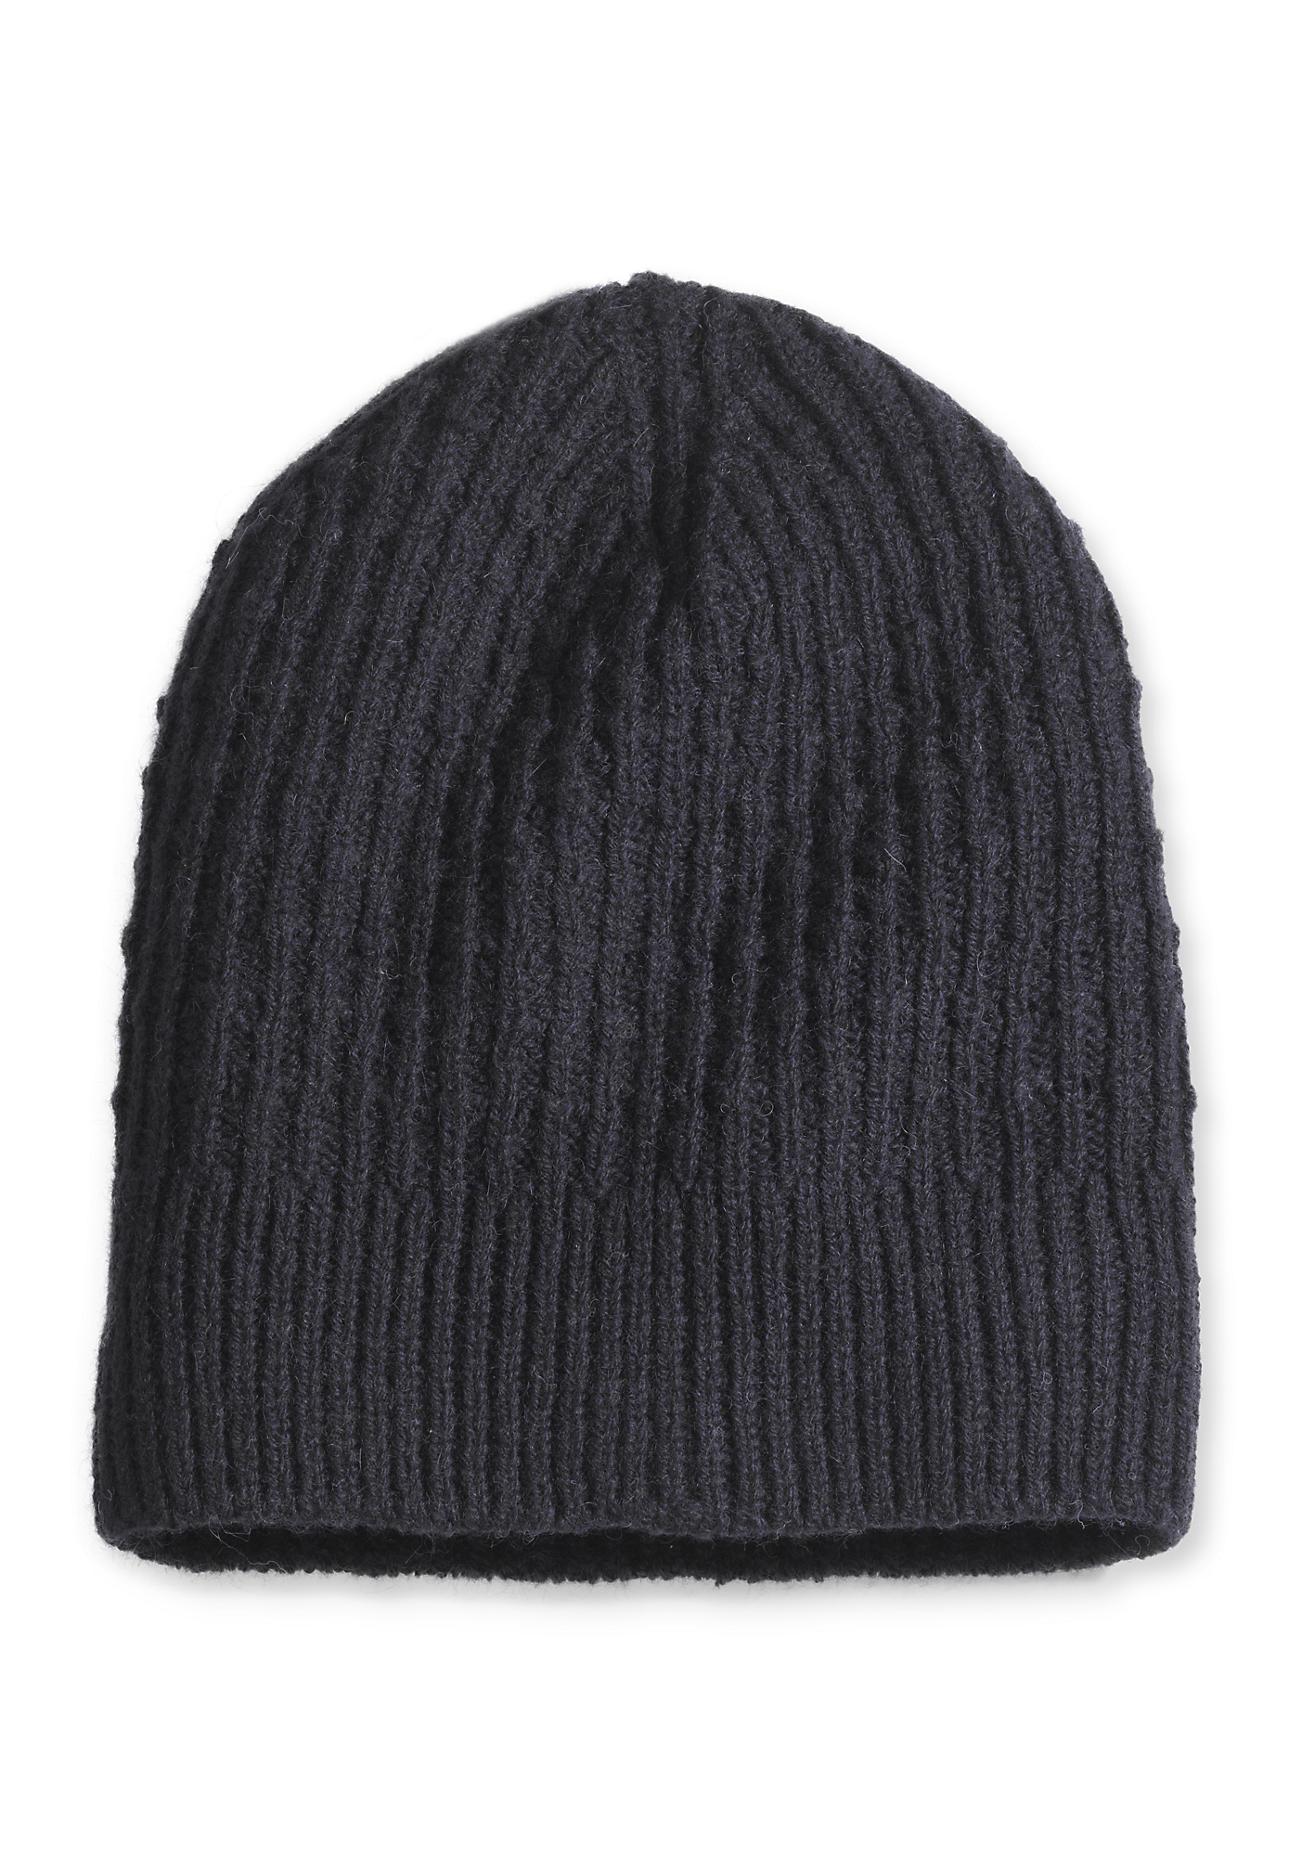 Muetzen - hessnatur Damen Mütze aus Alpaka mit Schurwolle – blau –  - Onlineshop Hessnatur